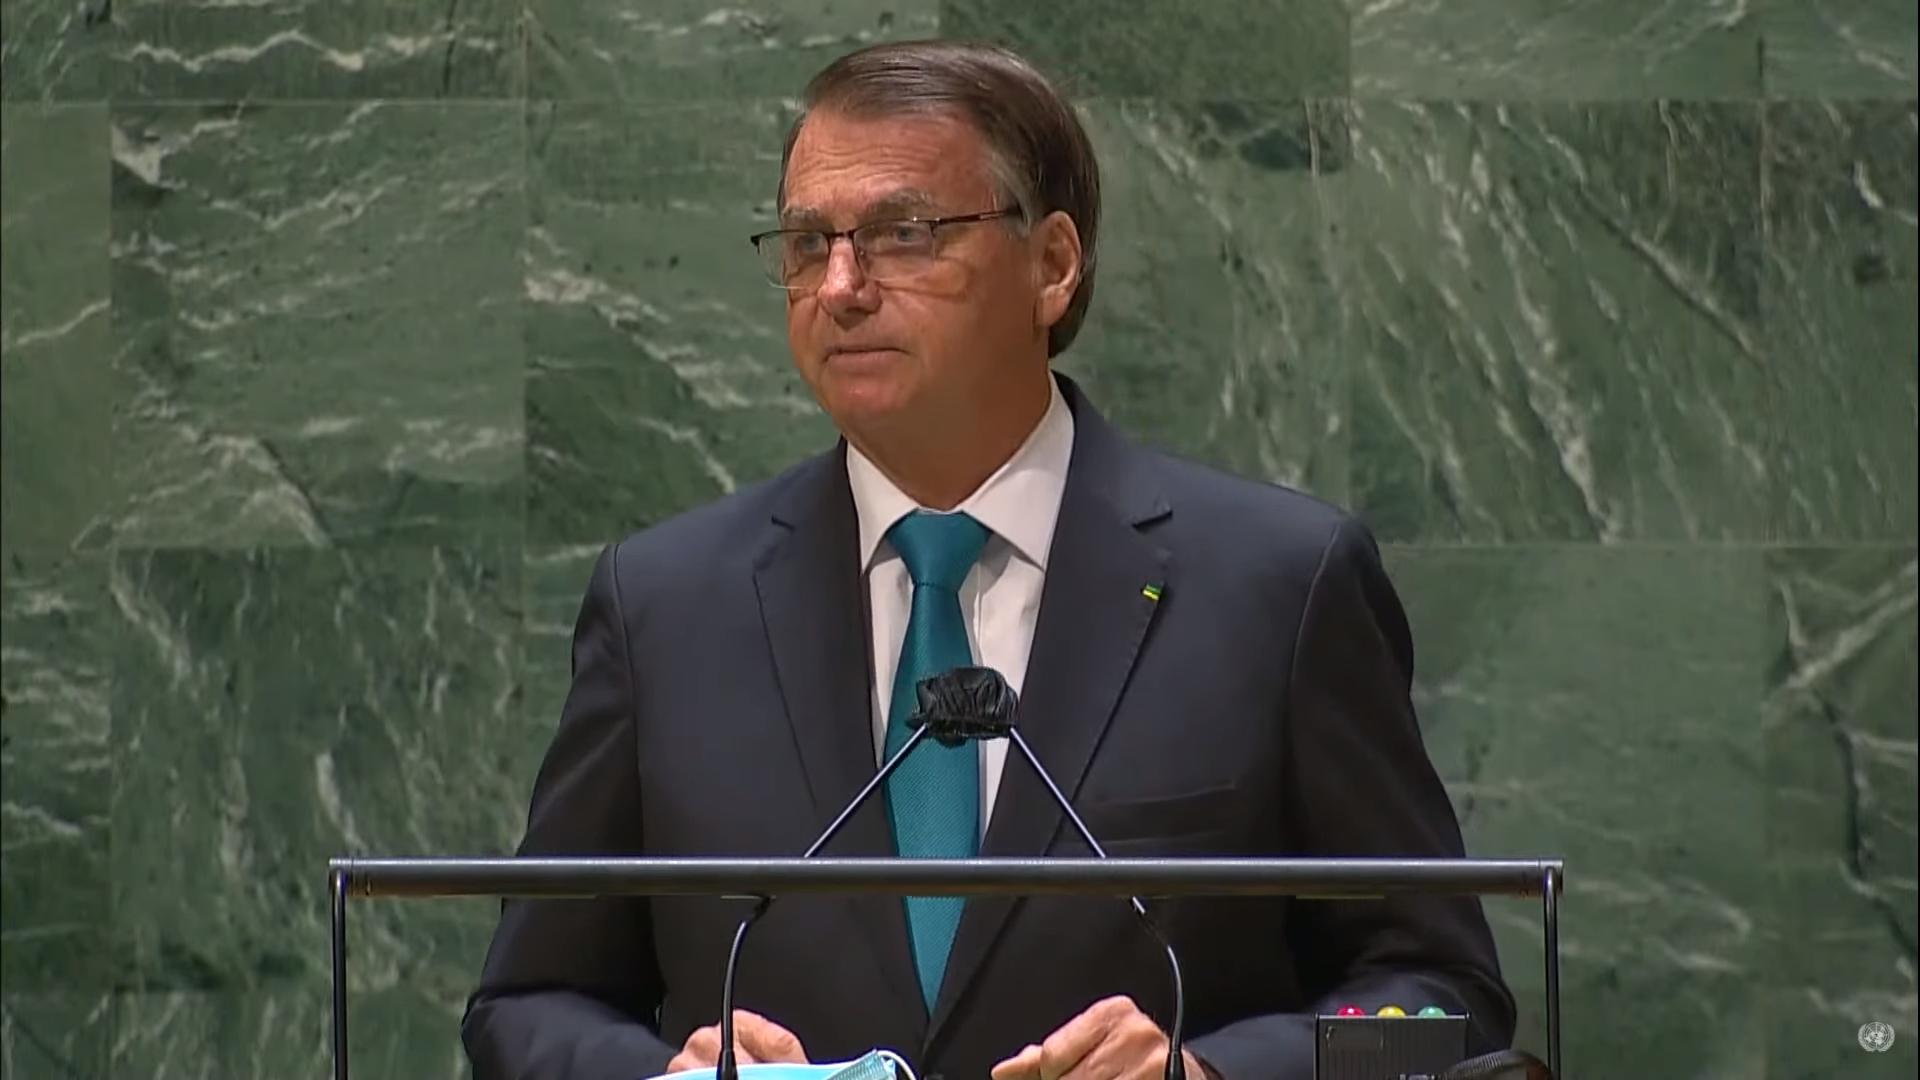 IMAGEM: Ambientalistas apontam 'afirmações delirantes' de Bolsonaro na ONU